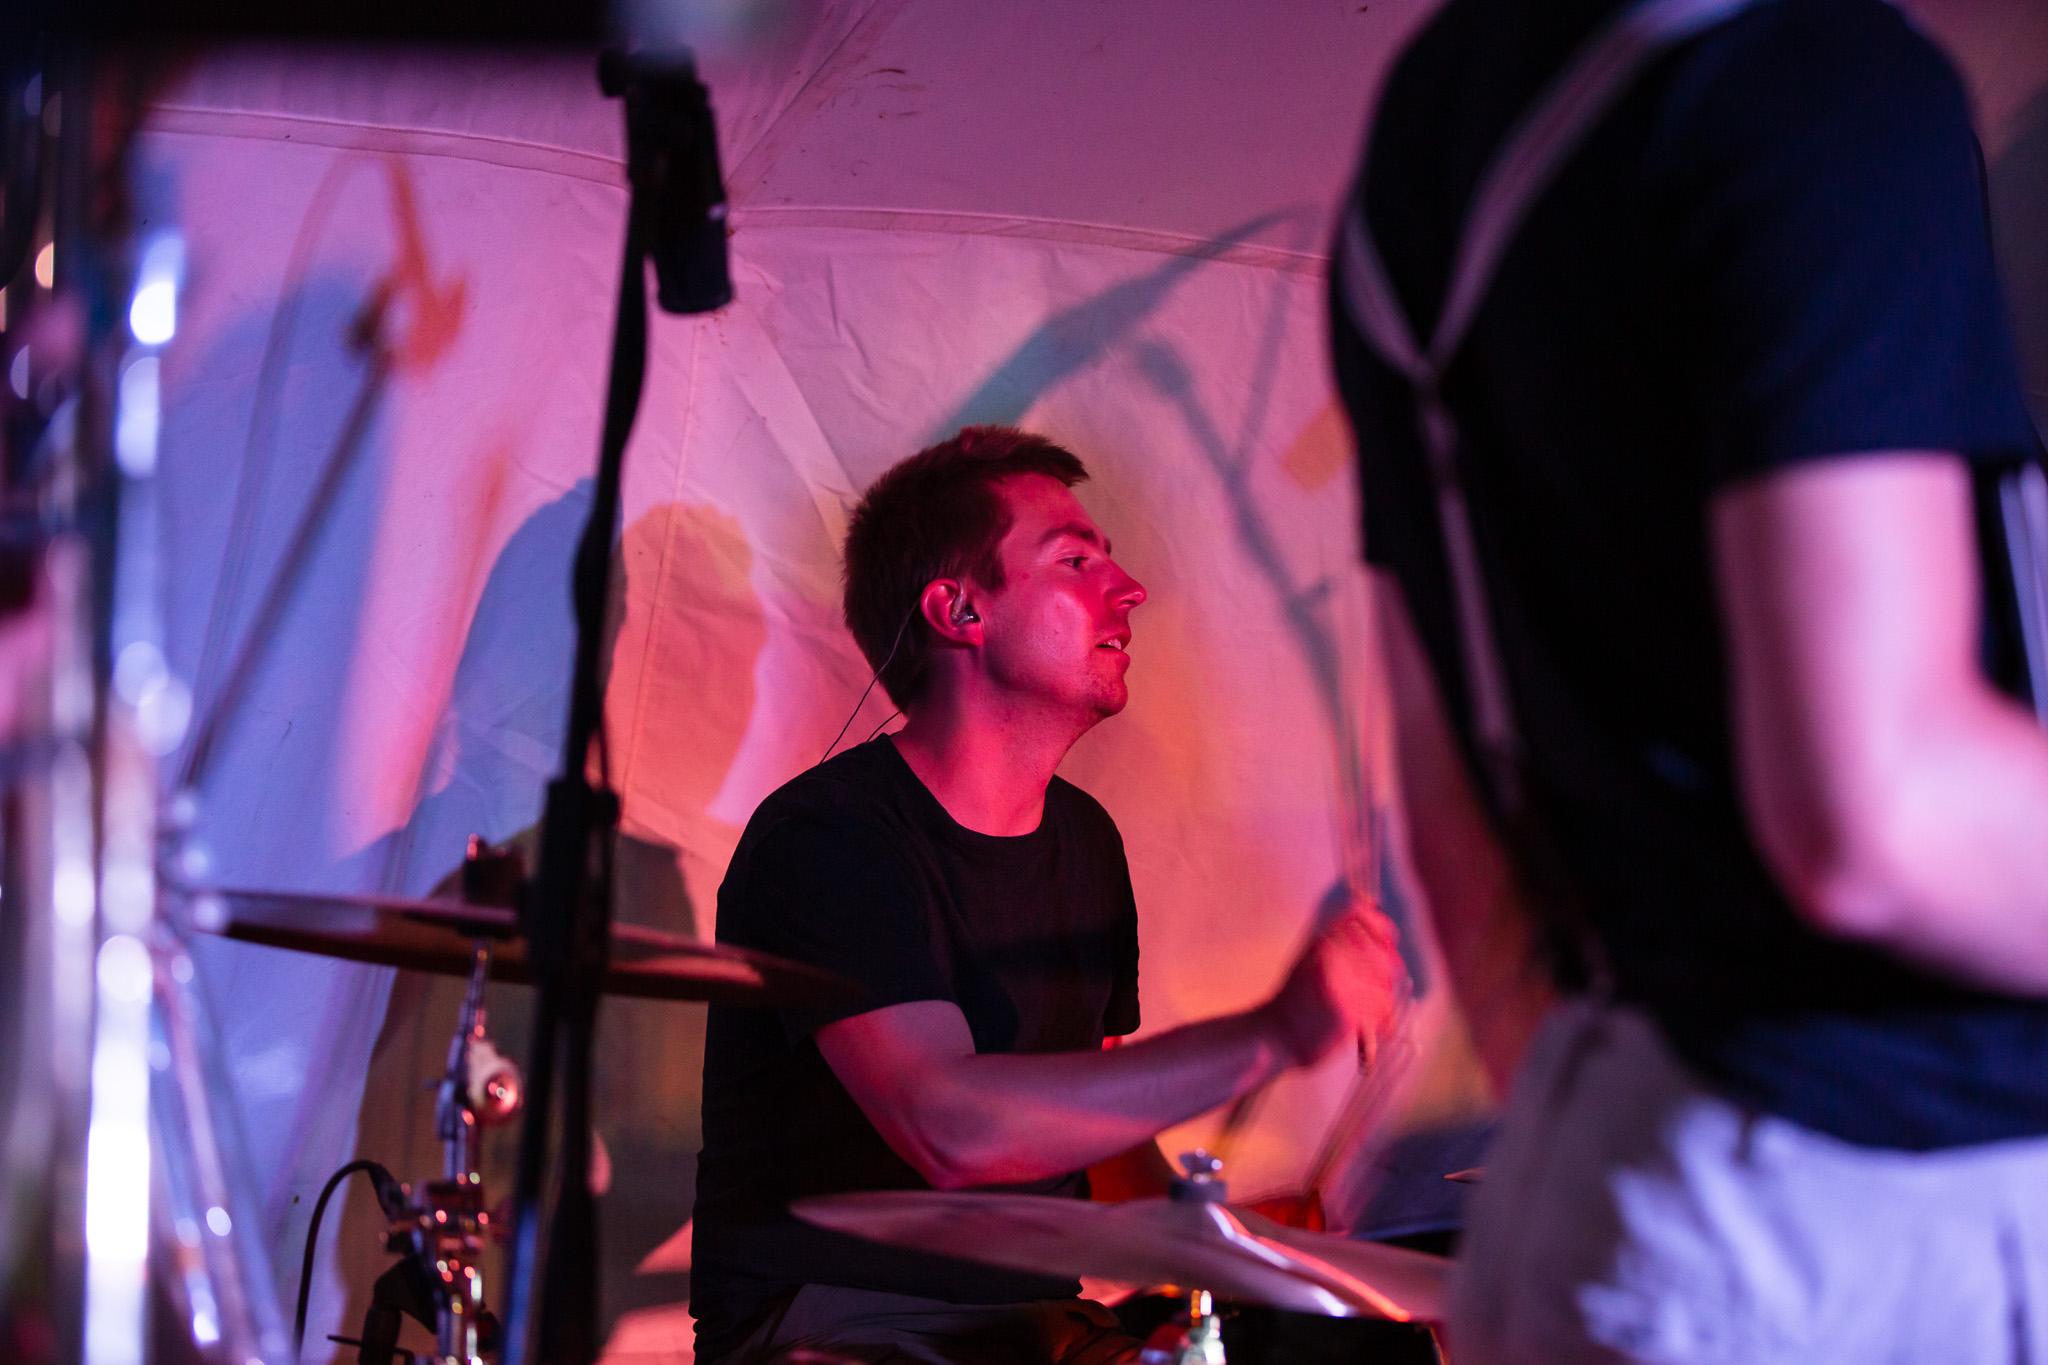 Skavida auf der Buehne - Drummer